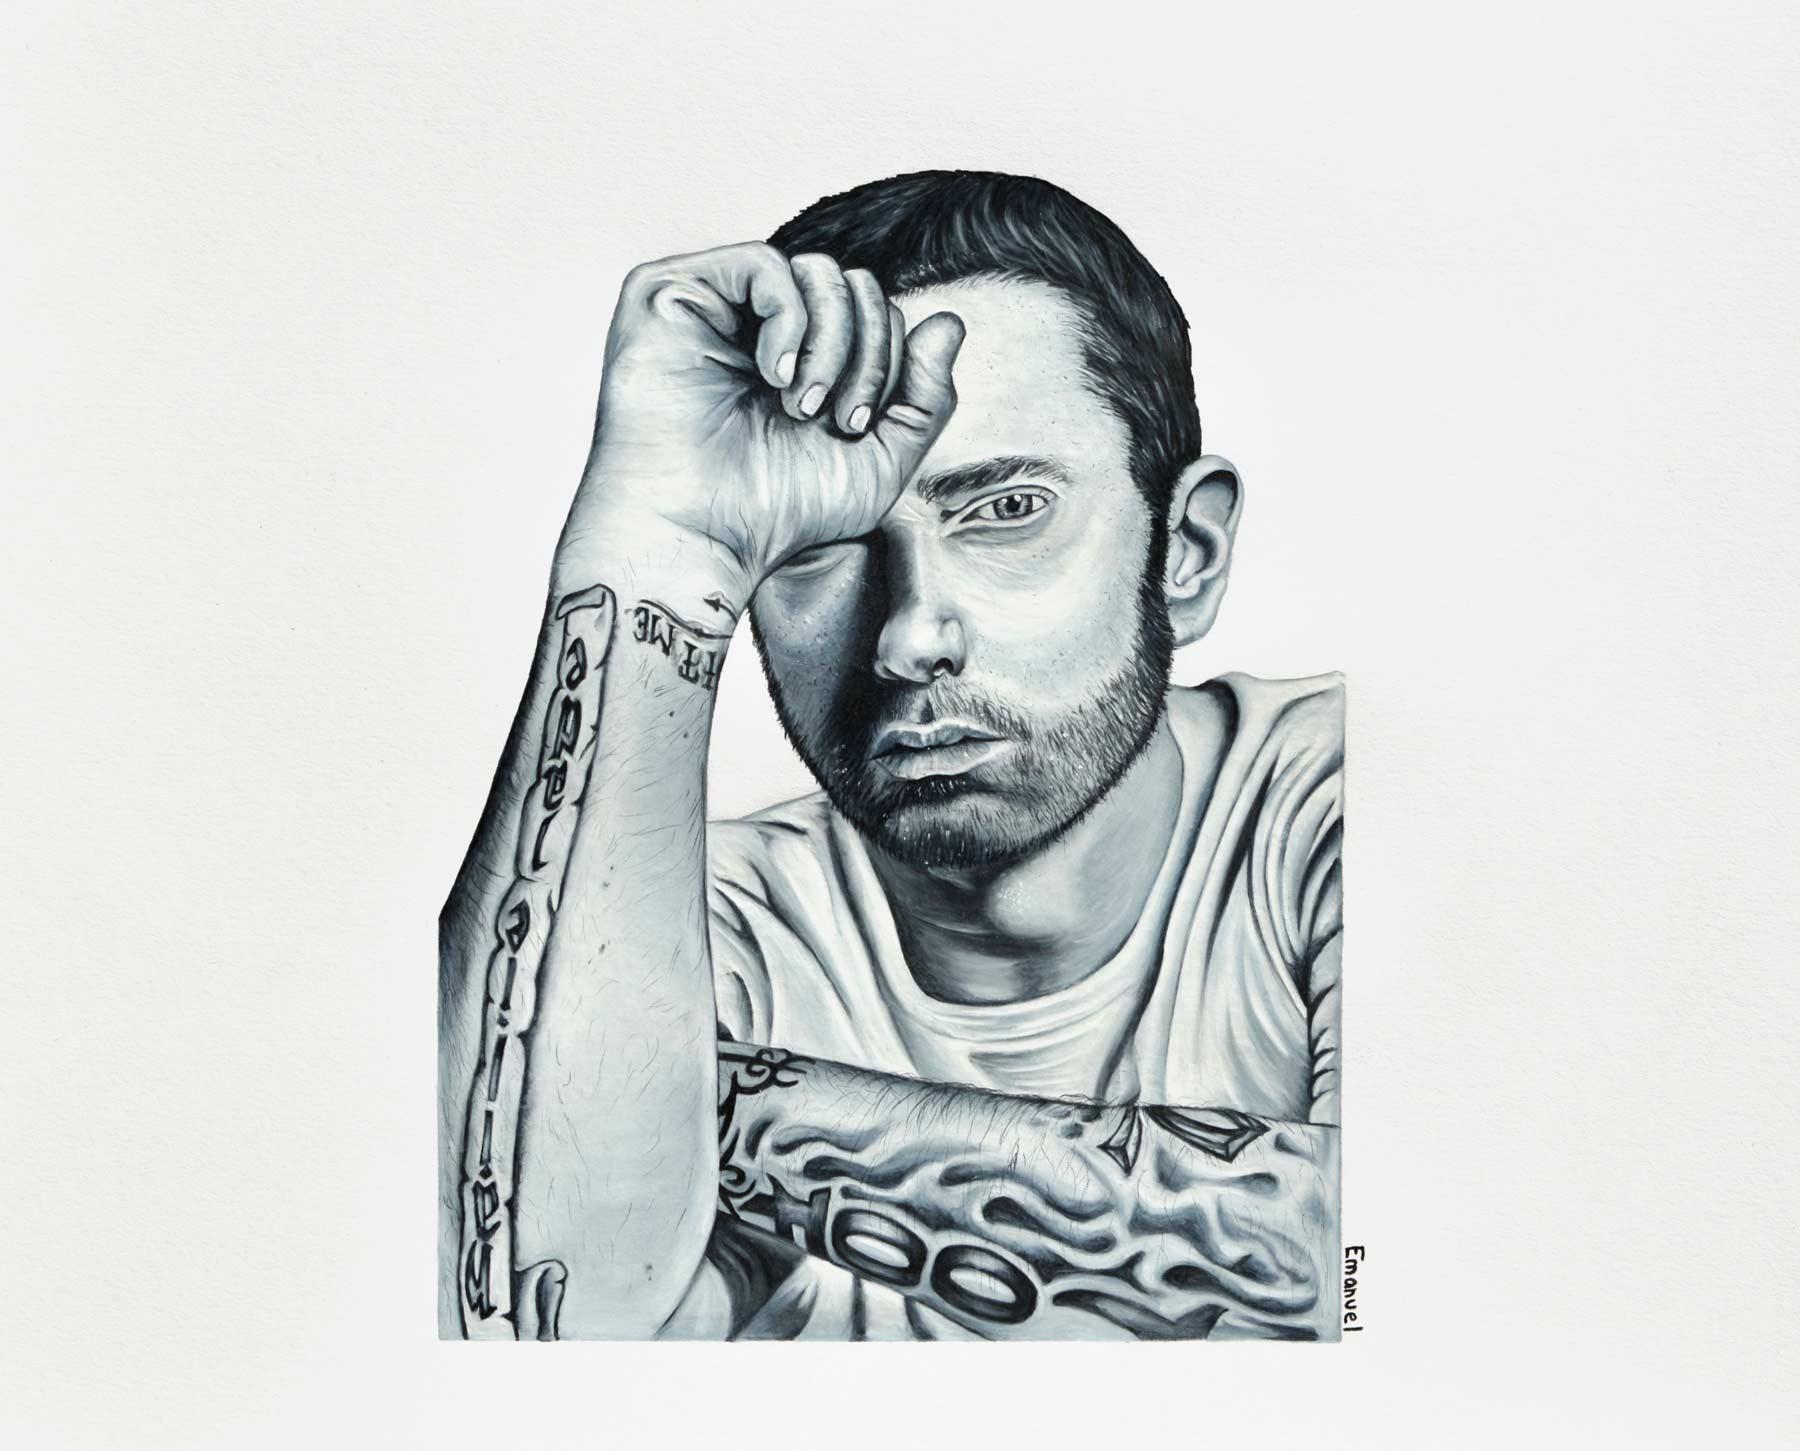 Eminem by emanuel schweizer, artist